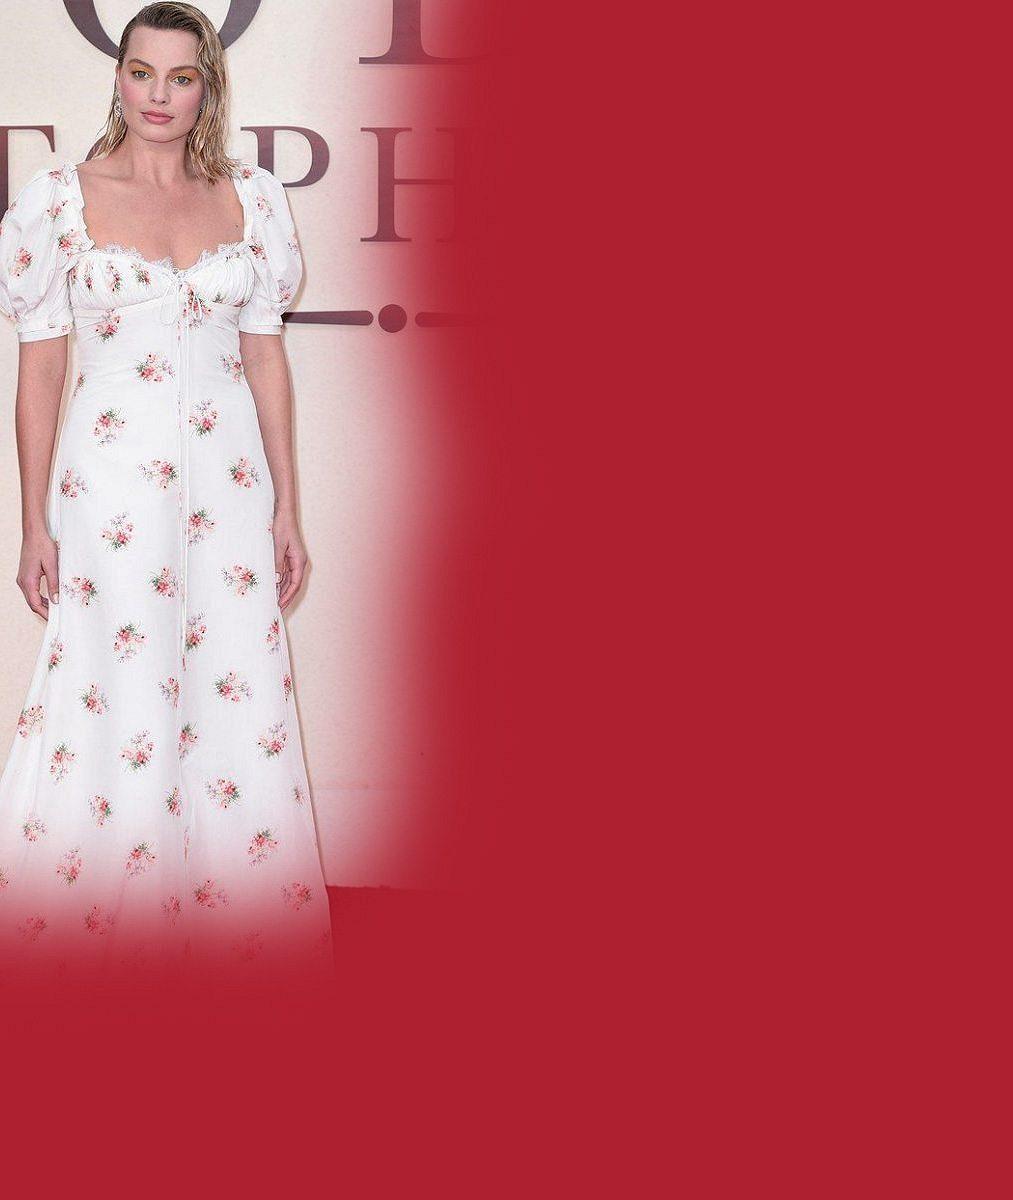 Jindy okouzlující herečka měla při volbě šatů nešťastnou ruku: Odnesly to její ženské přednosti